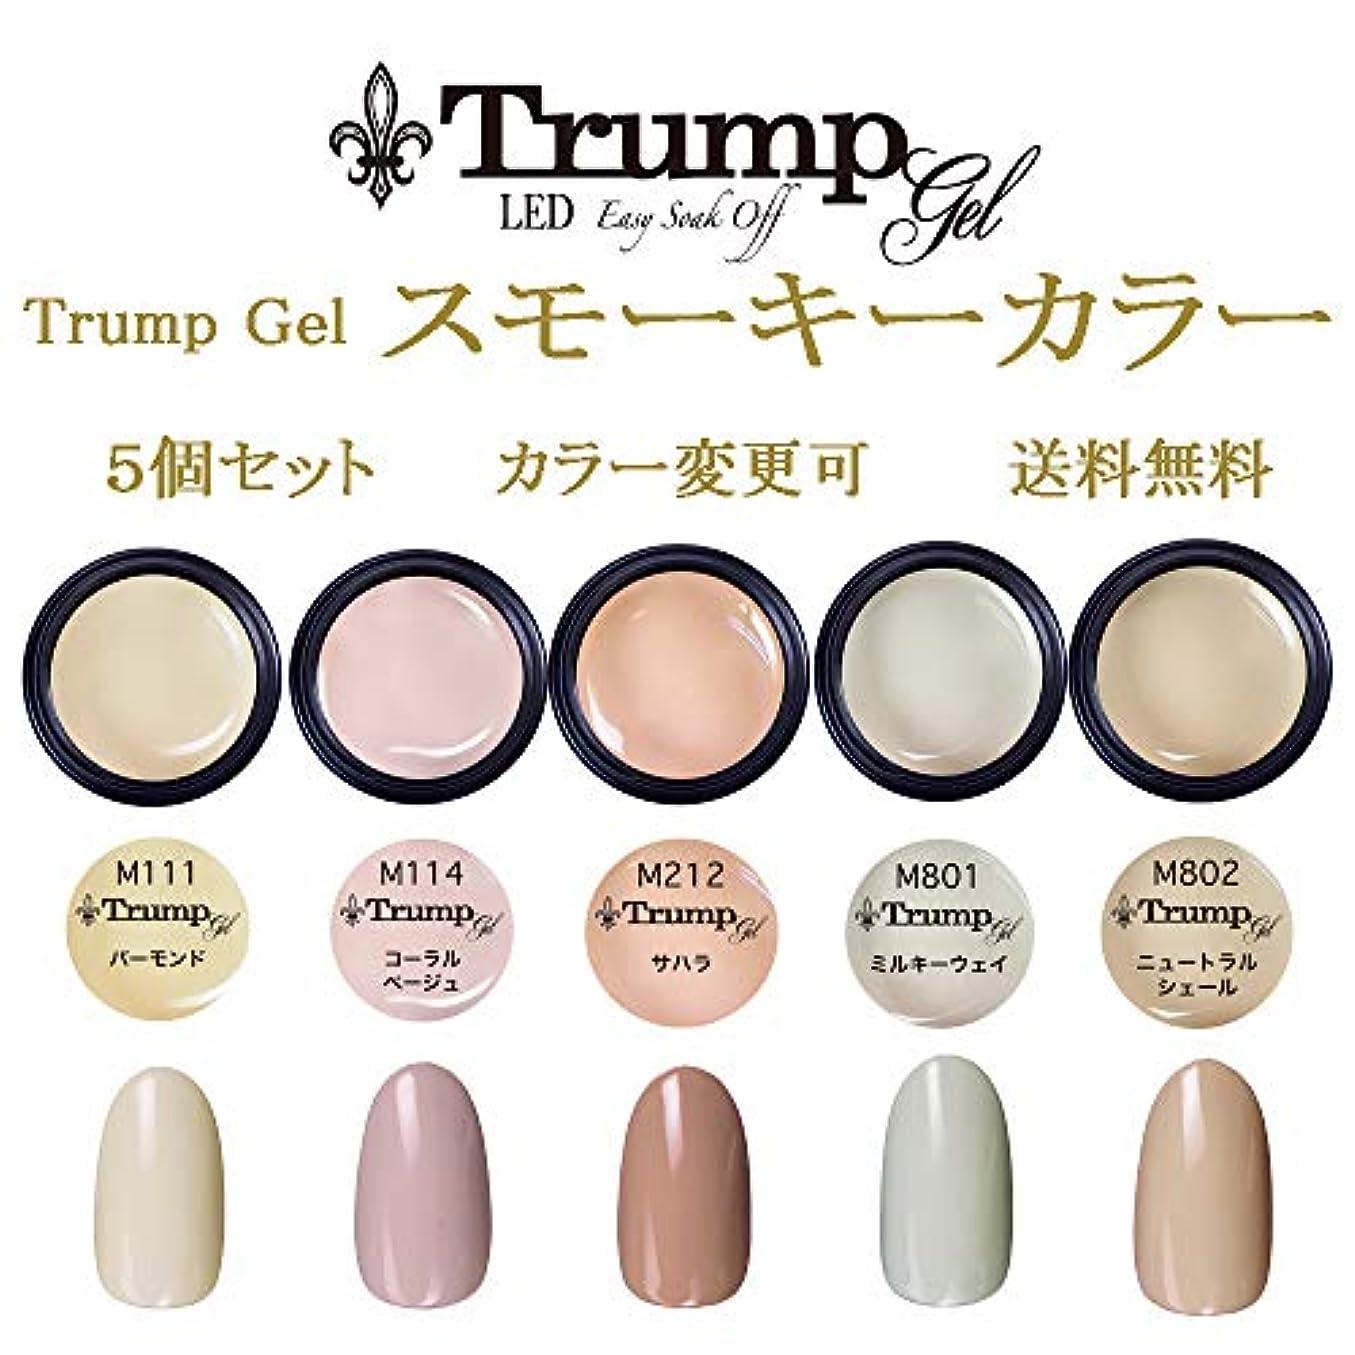 チェストリクル博物館日本製 Trump gel トランプジェル スモーキーカラー 選べる カラージェル 5個セット スモーク ベージュ グレー ブラウン ピンク